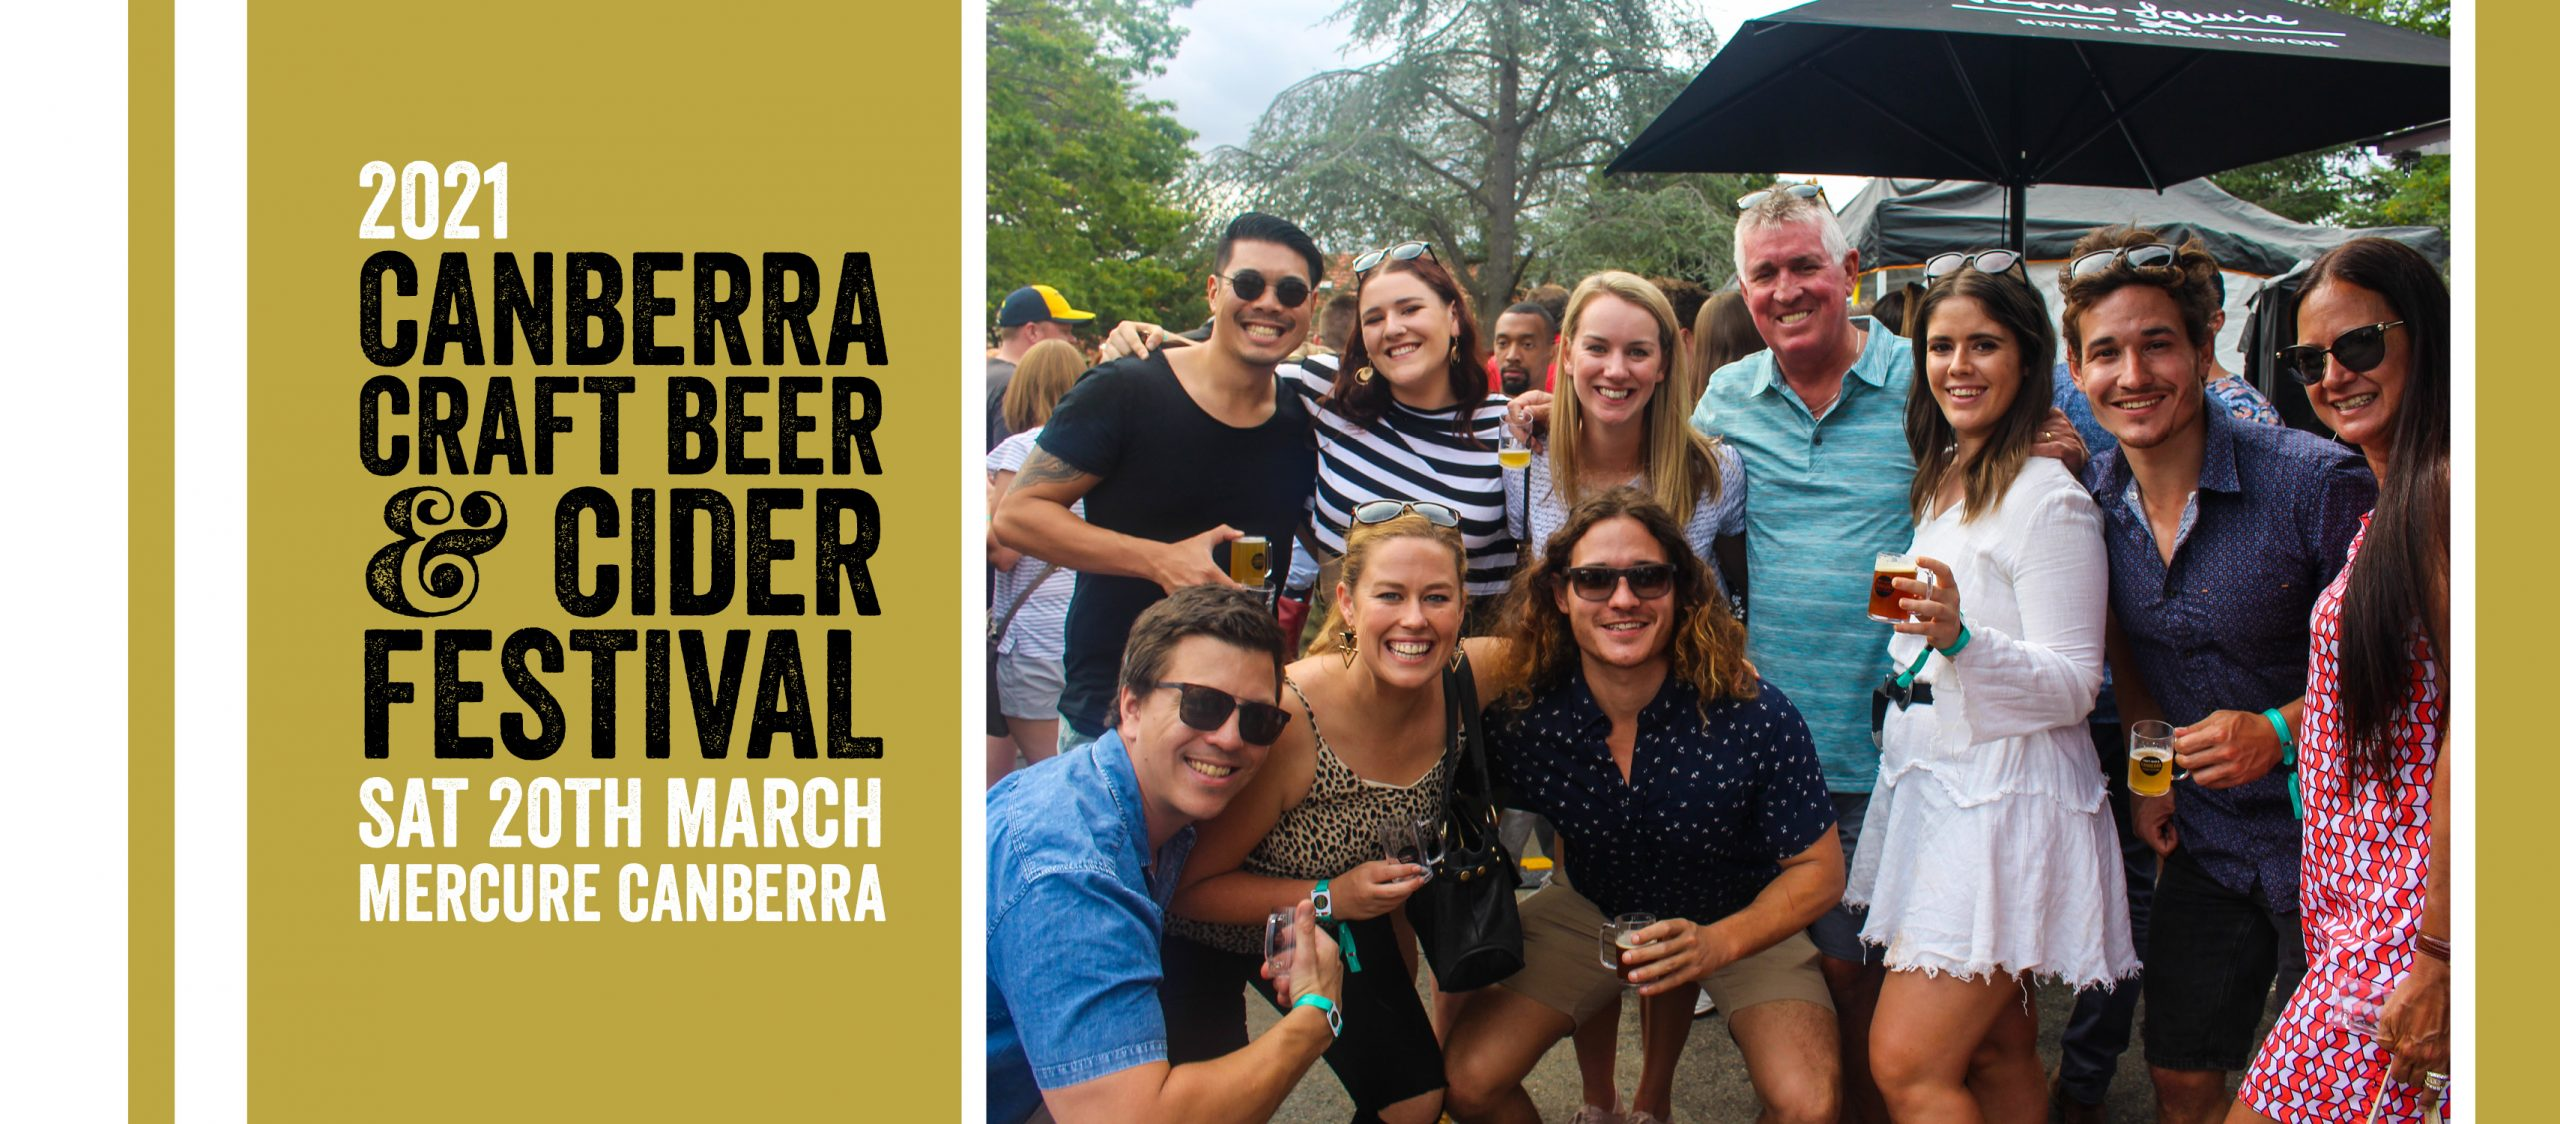 Canberra Craft Beer and Cider Festival